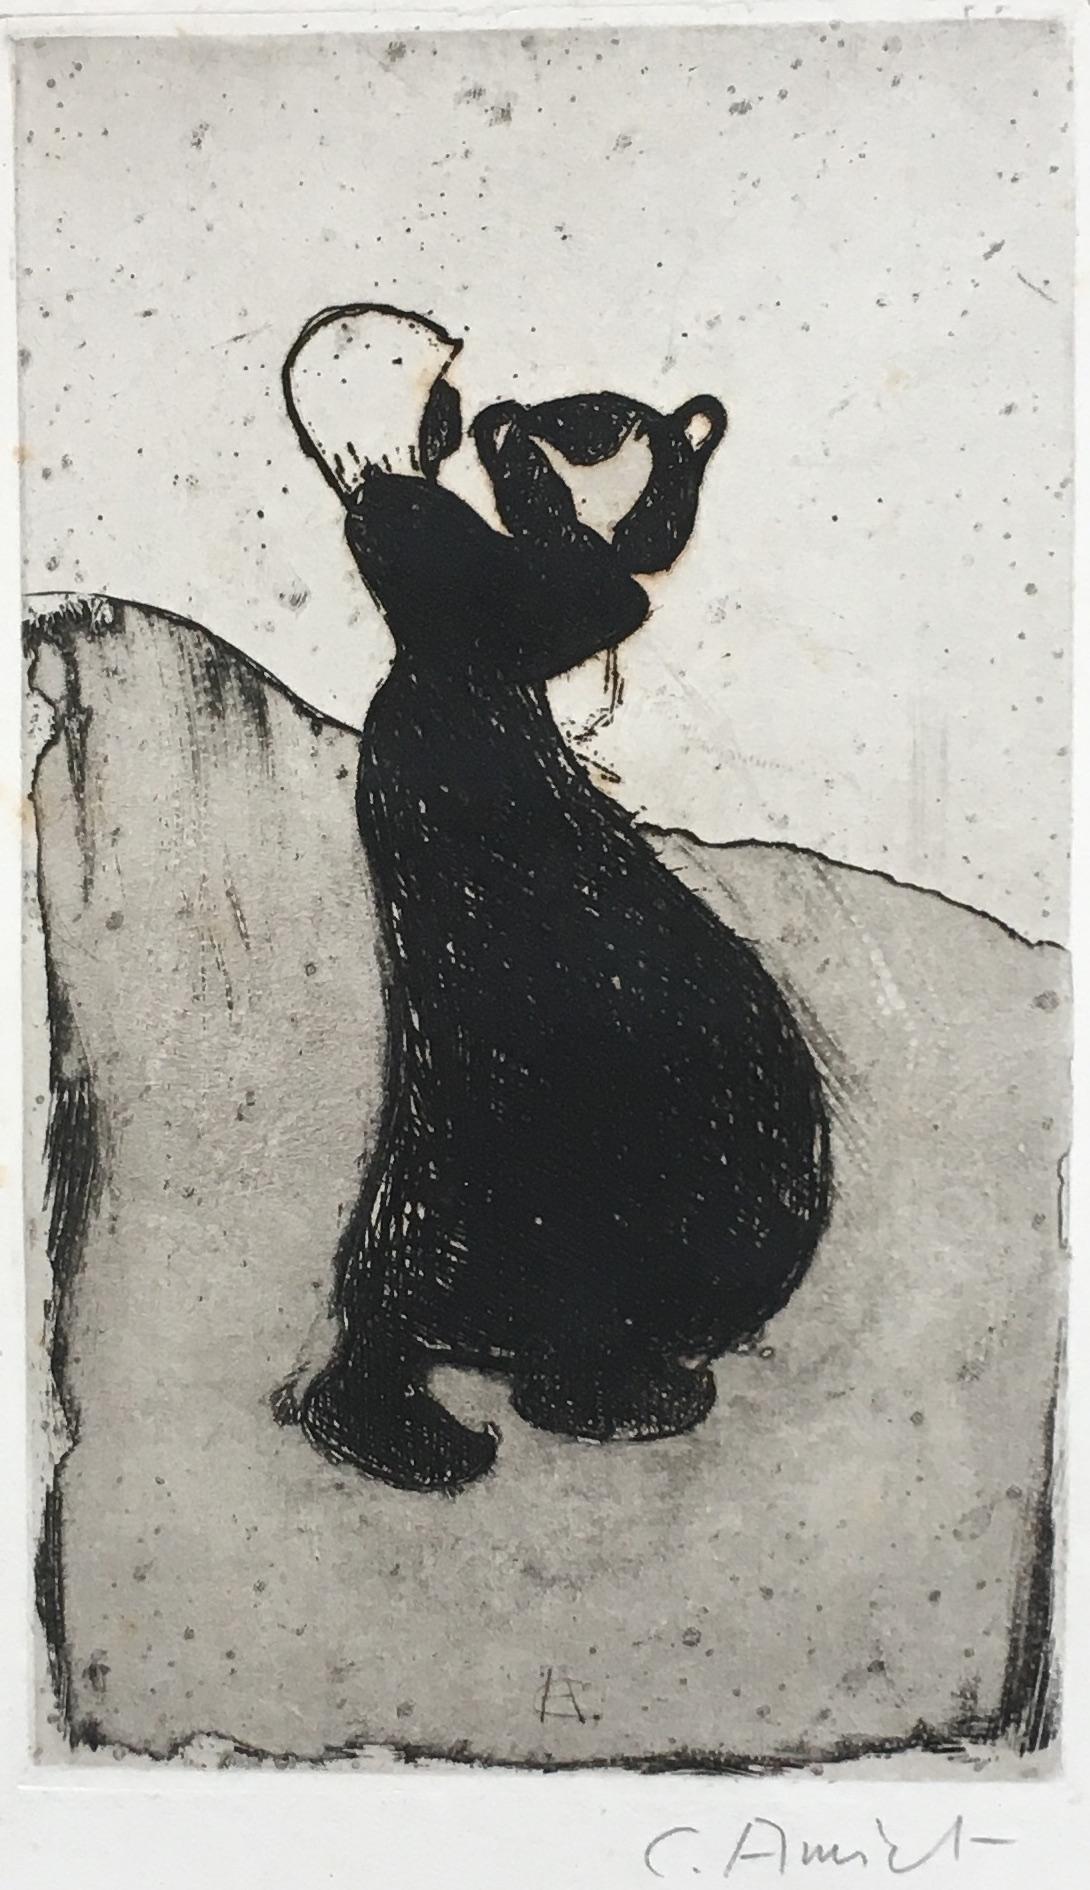 Cuno Amiet, Bretonisches Mädchen, Radierung, 1893